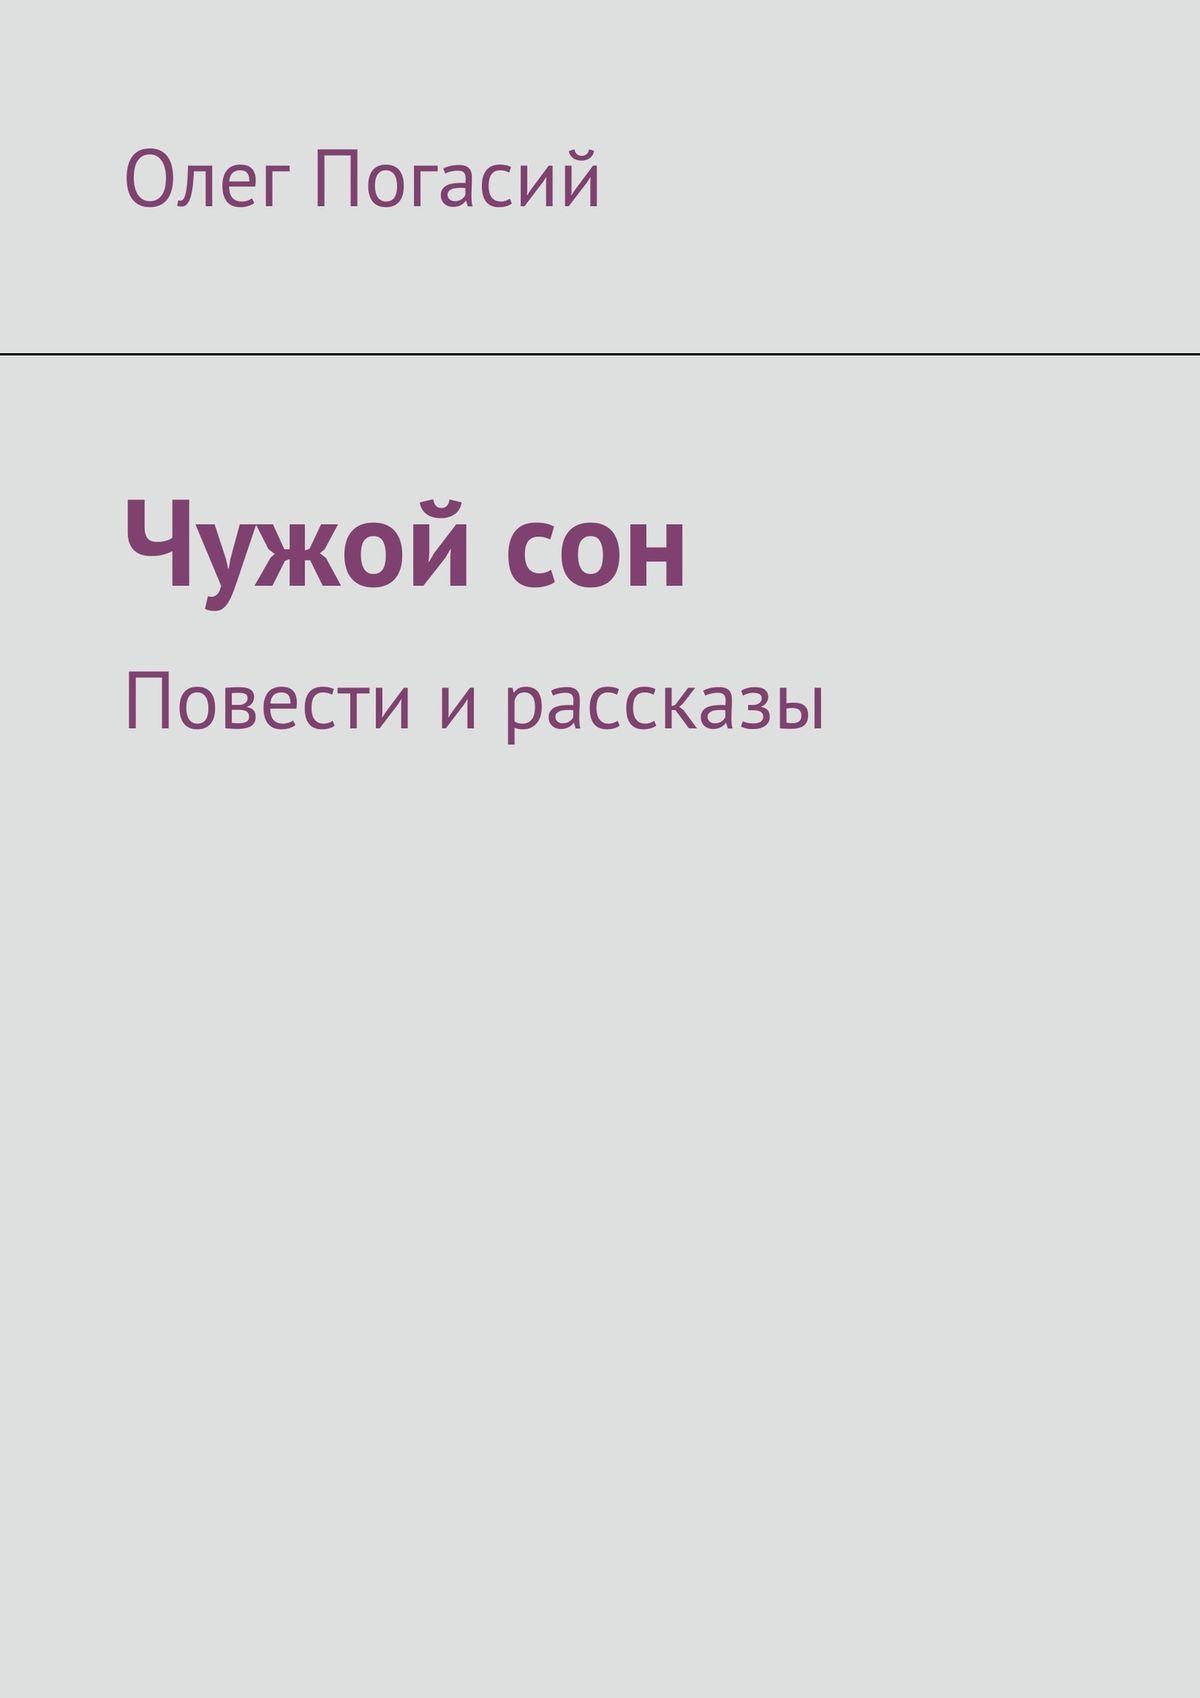 Олег Погасий Чужой сон. Повести и рассказы аполлинер гийом убиенный поэт повести